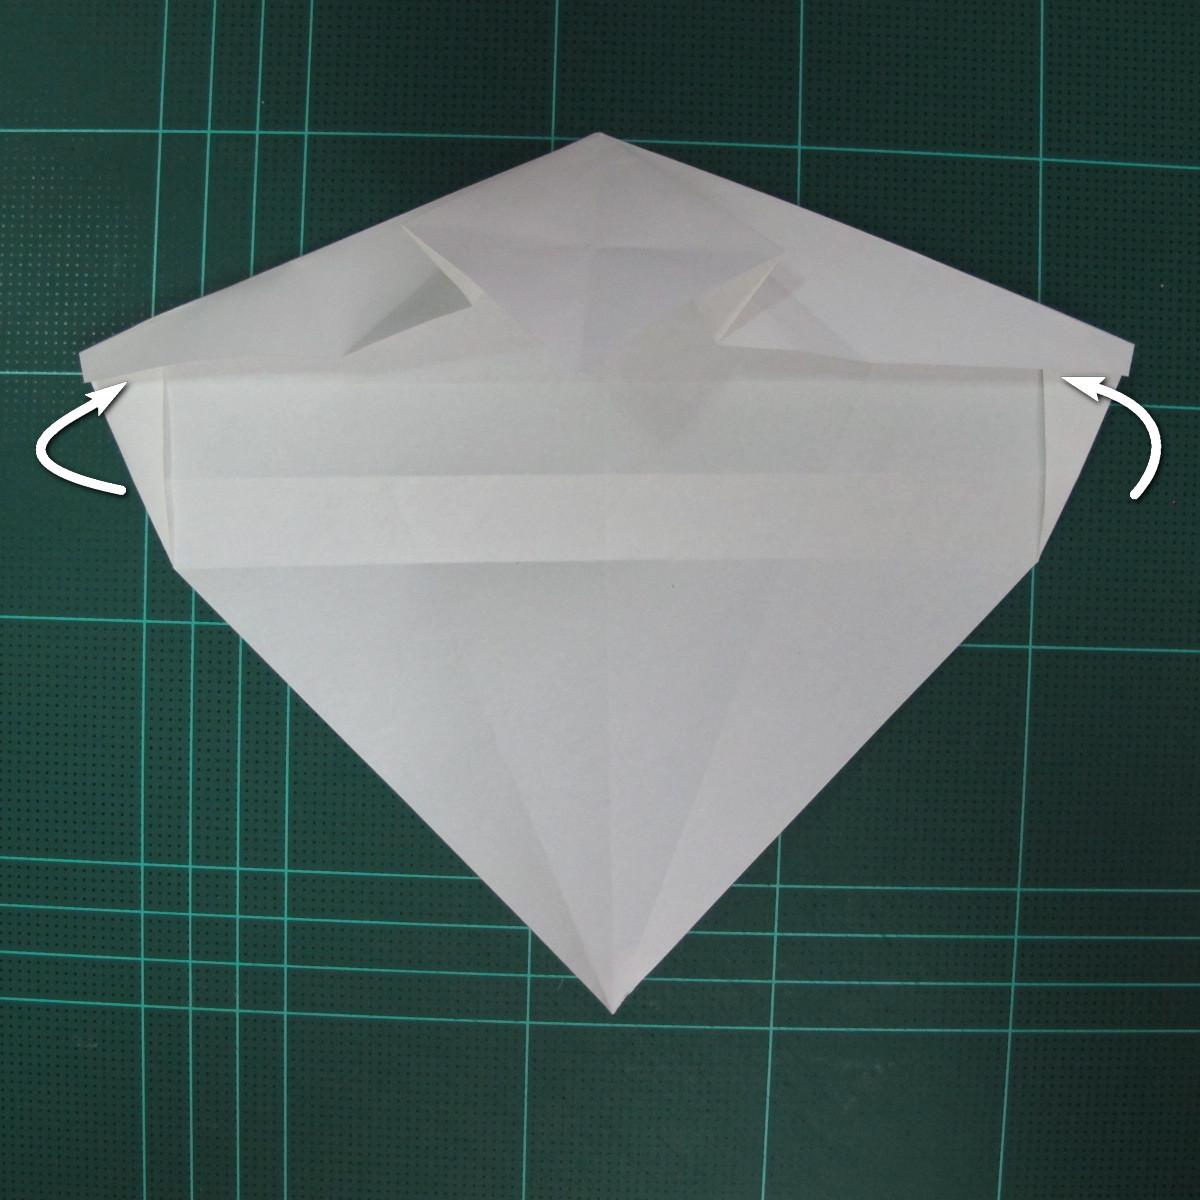 วิธีพับกระดาษเป็นรูปปลาแซลม่อน (Origami Salmon) 019